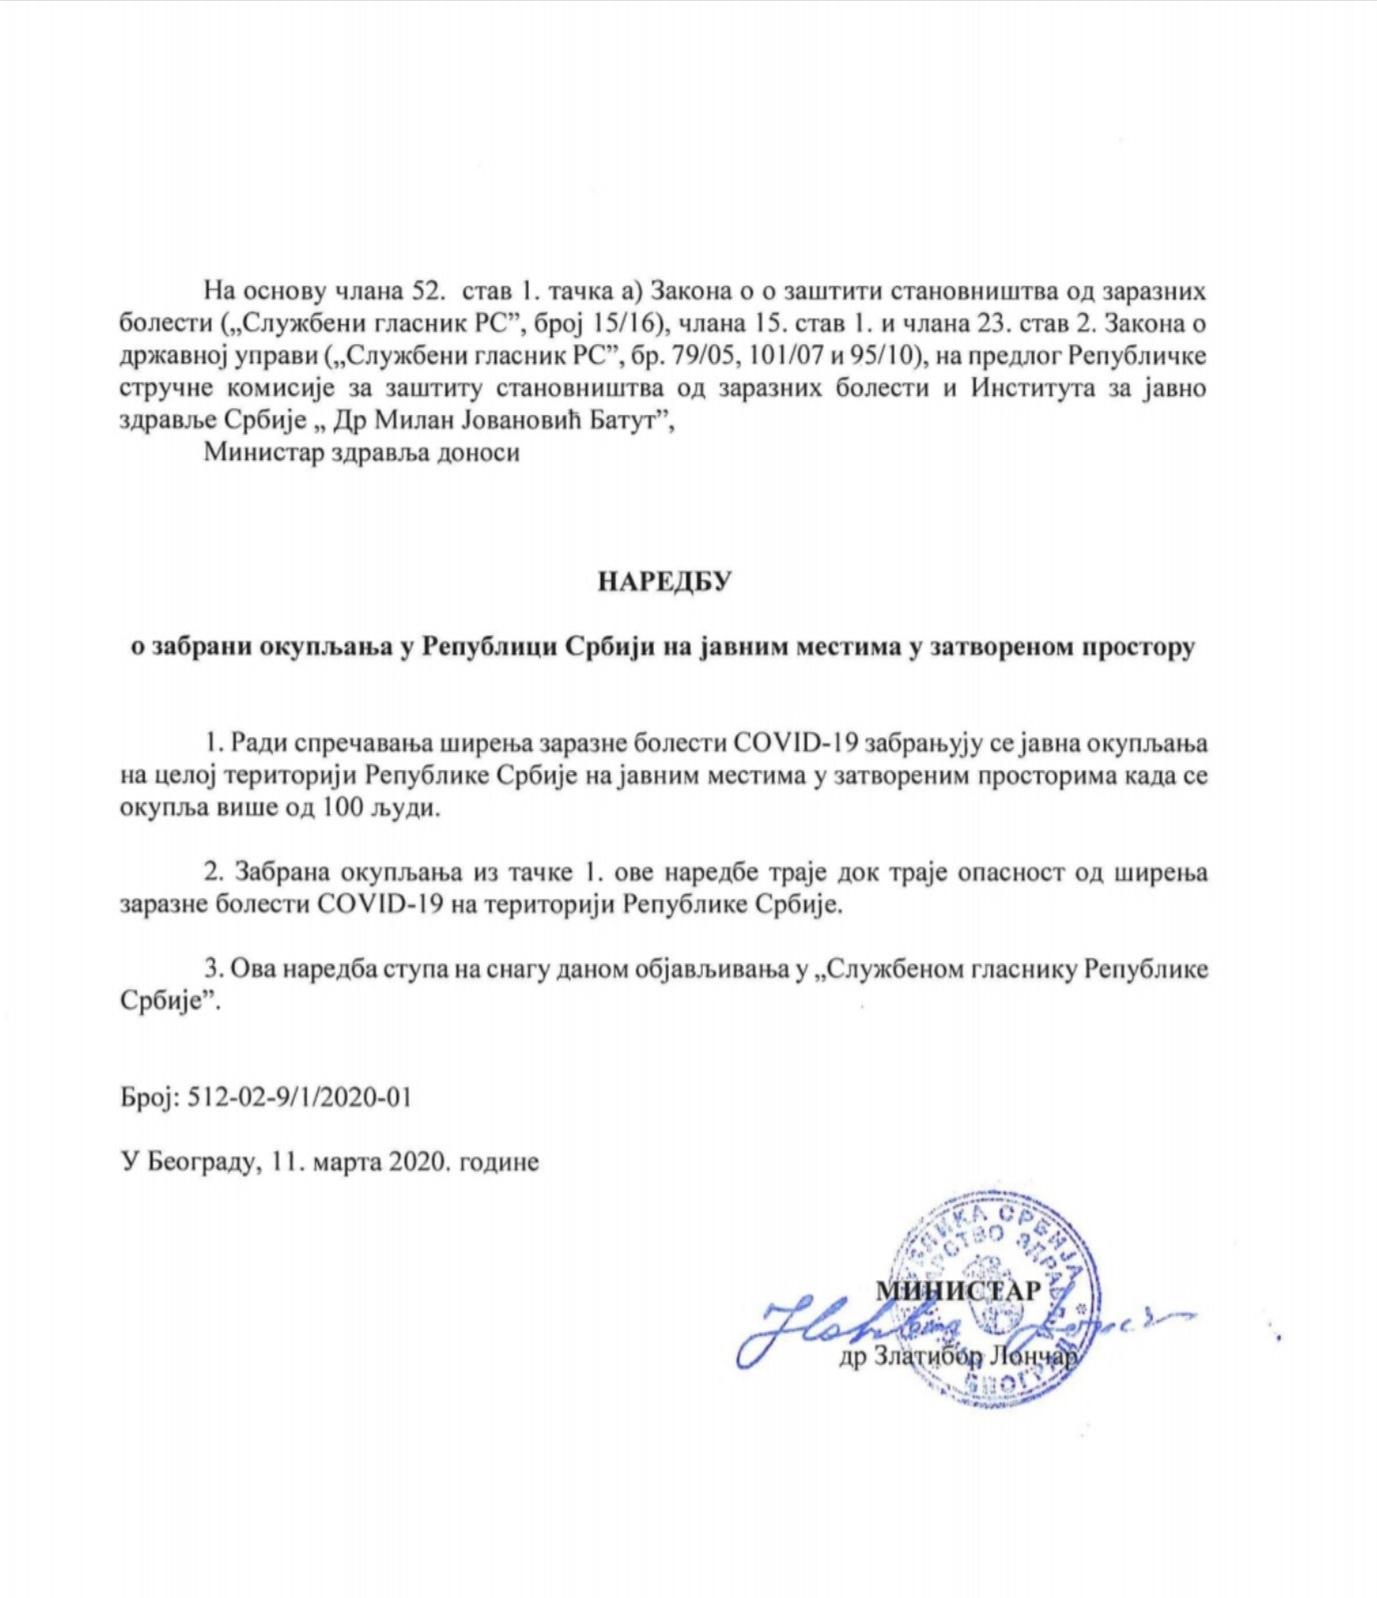 Наредба о забрани окупљања у Републици Србији на јавним местима у затвореном простору